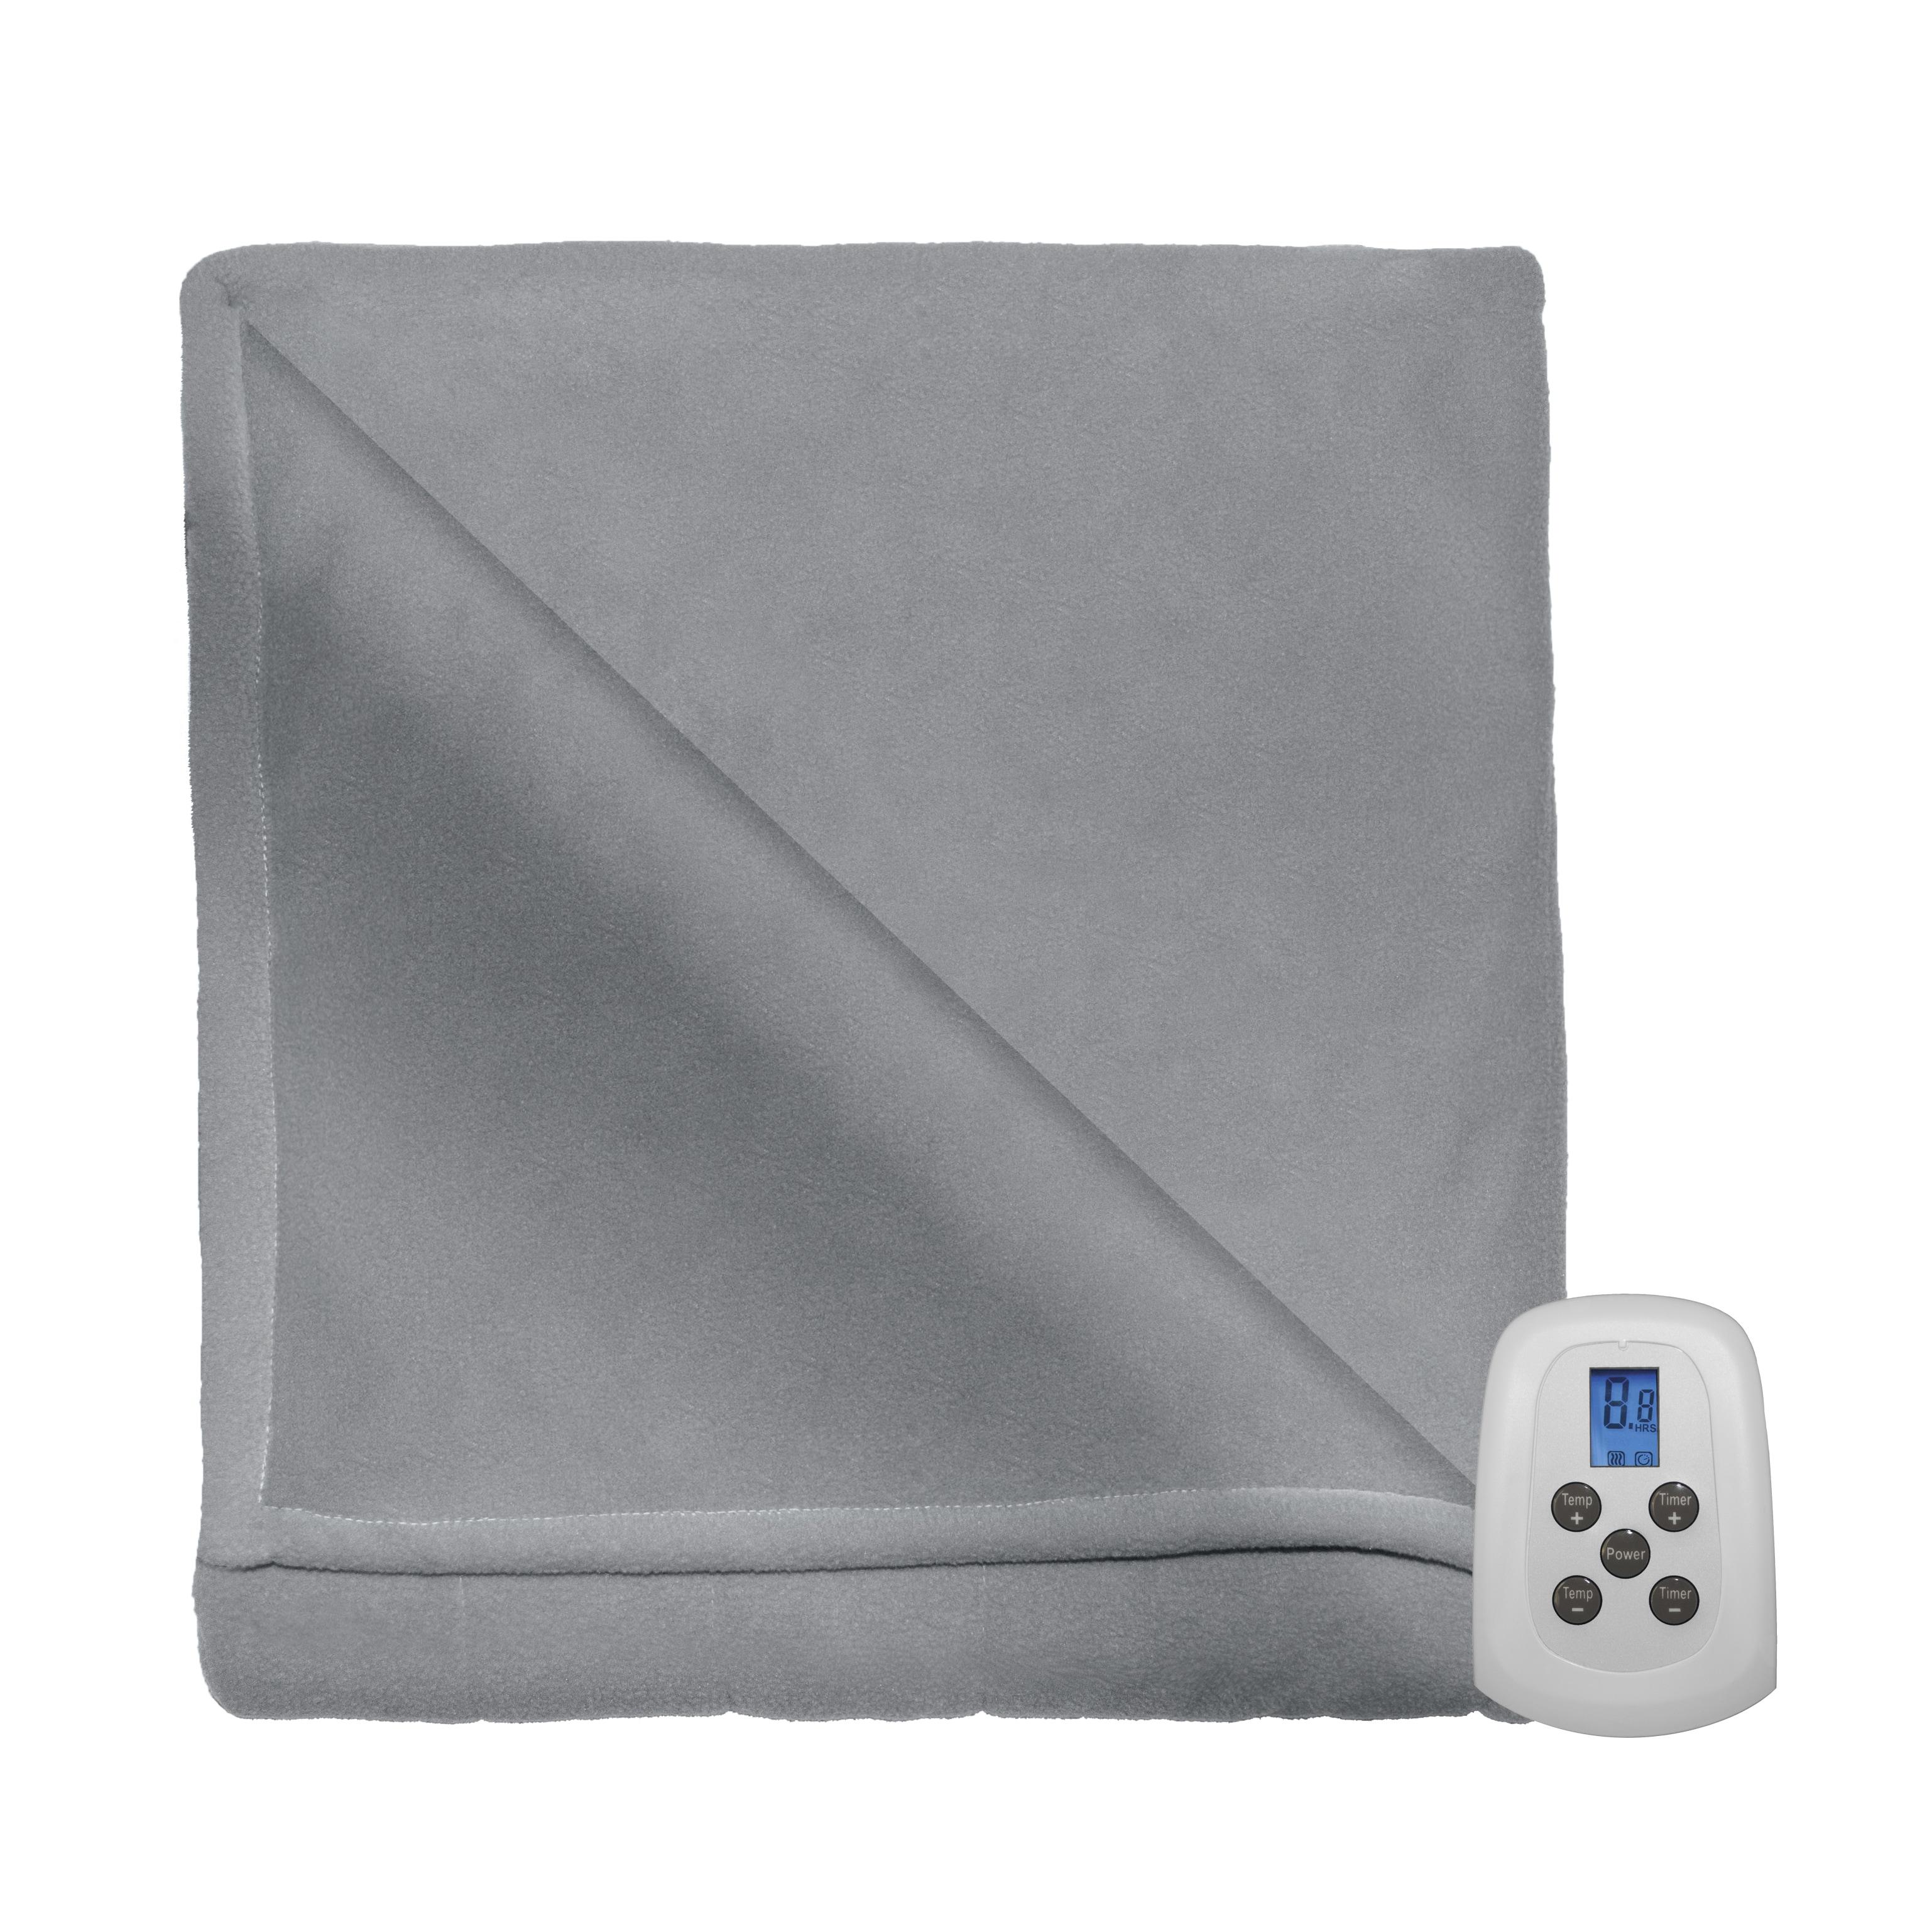 Serta MicroFleece Heated Electric Warming Blanket (Twin s...